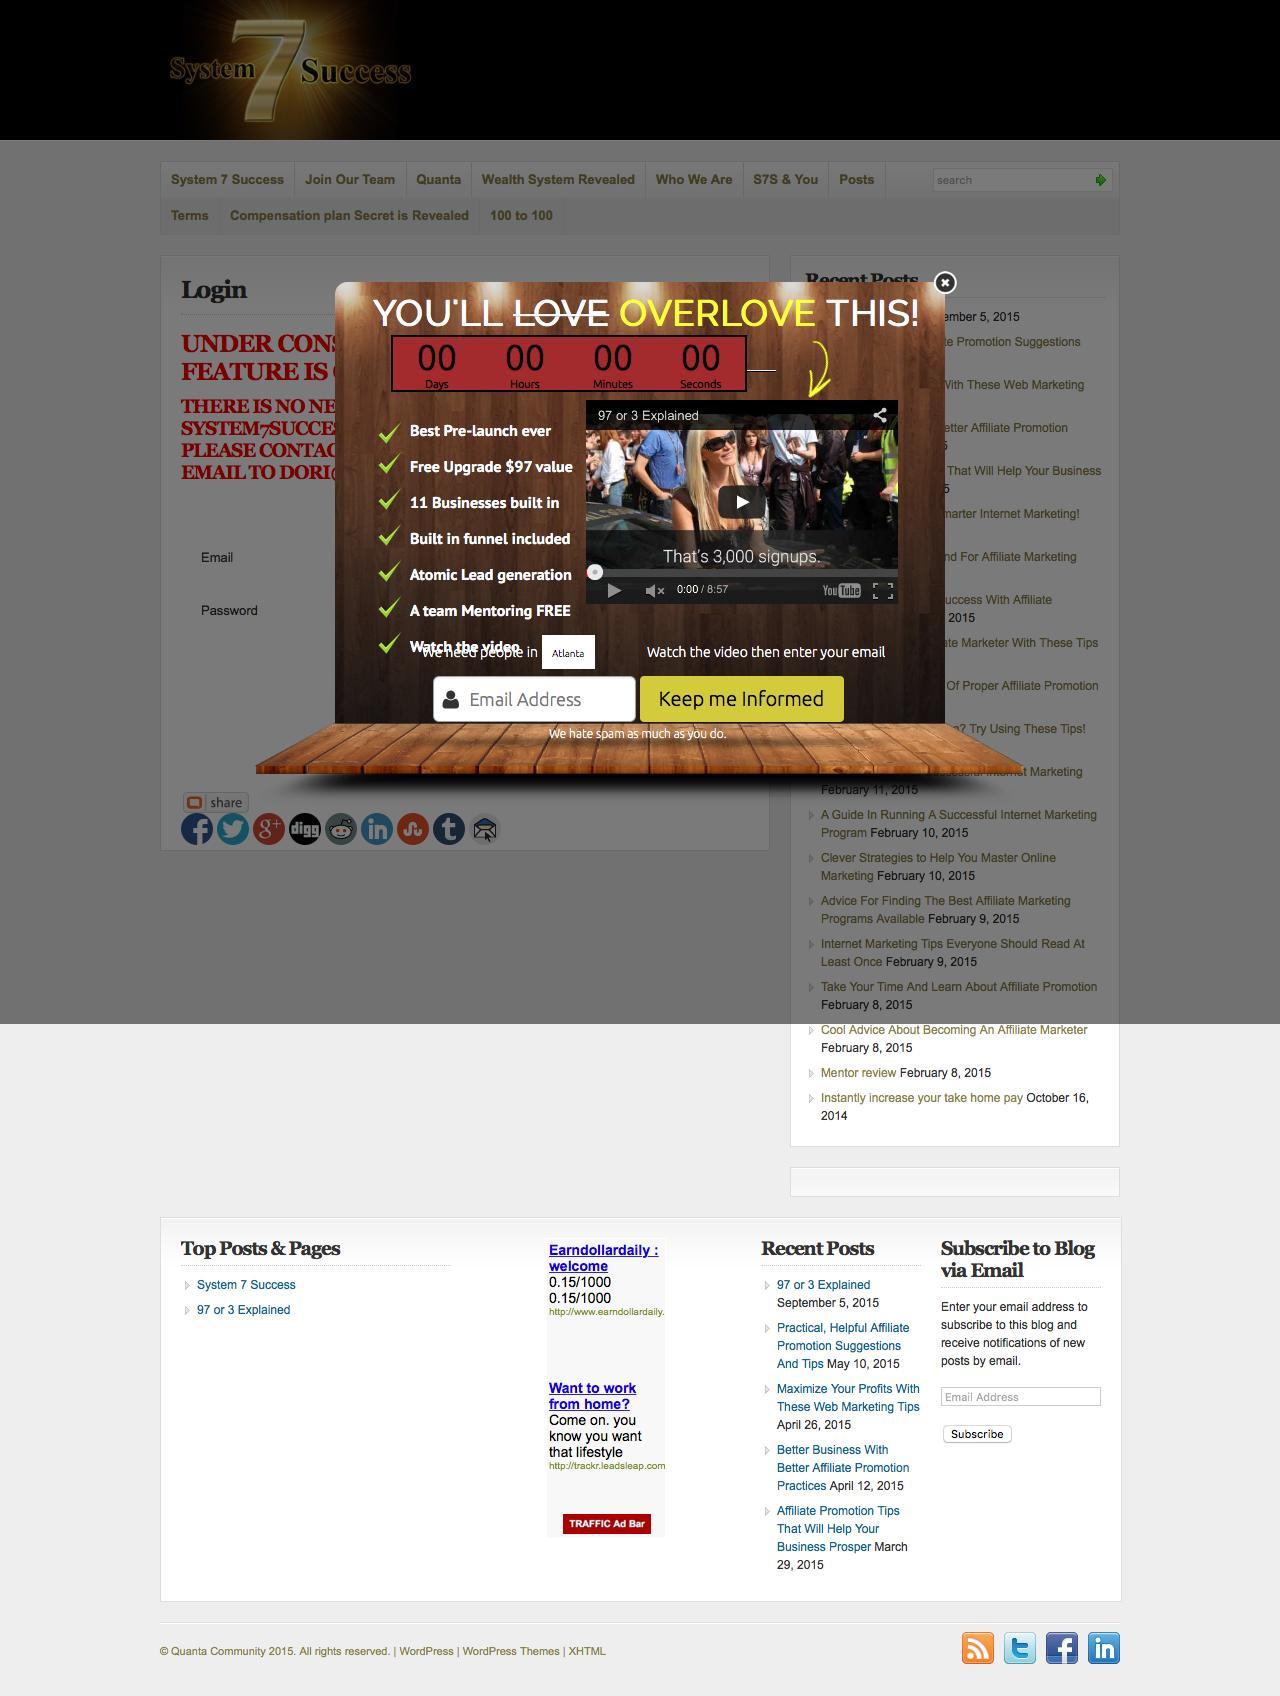 Screenshot of system7success.com - Login - Quanta Community  : Quanta Community - captured Dec. 9, 2015